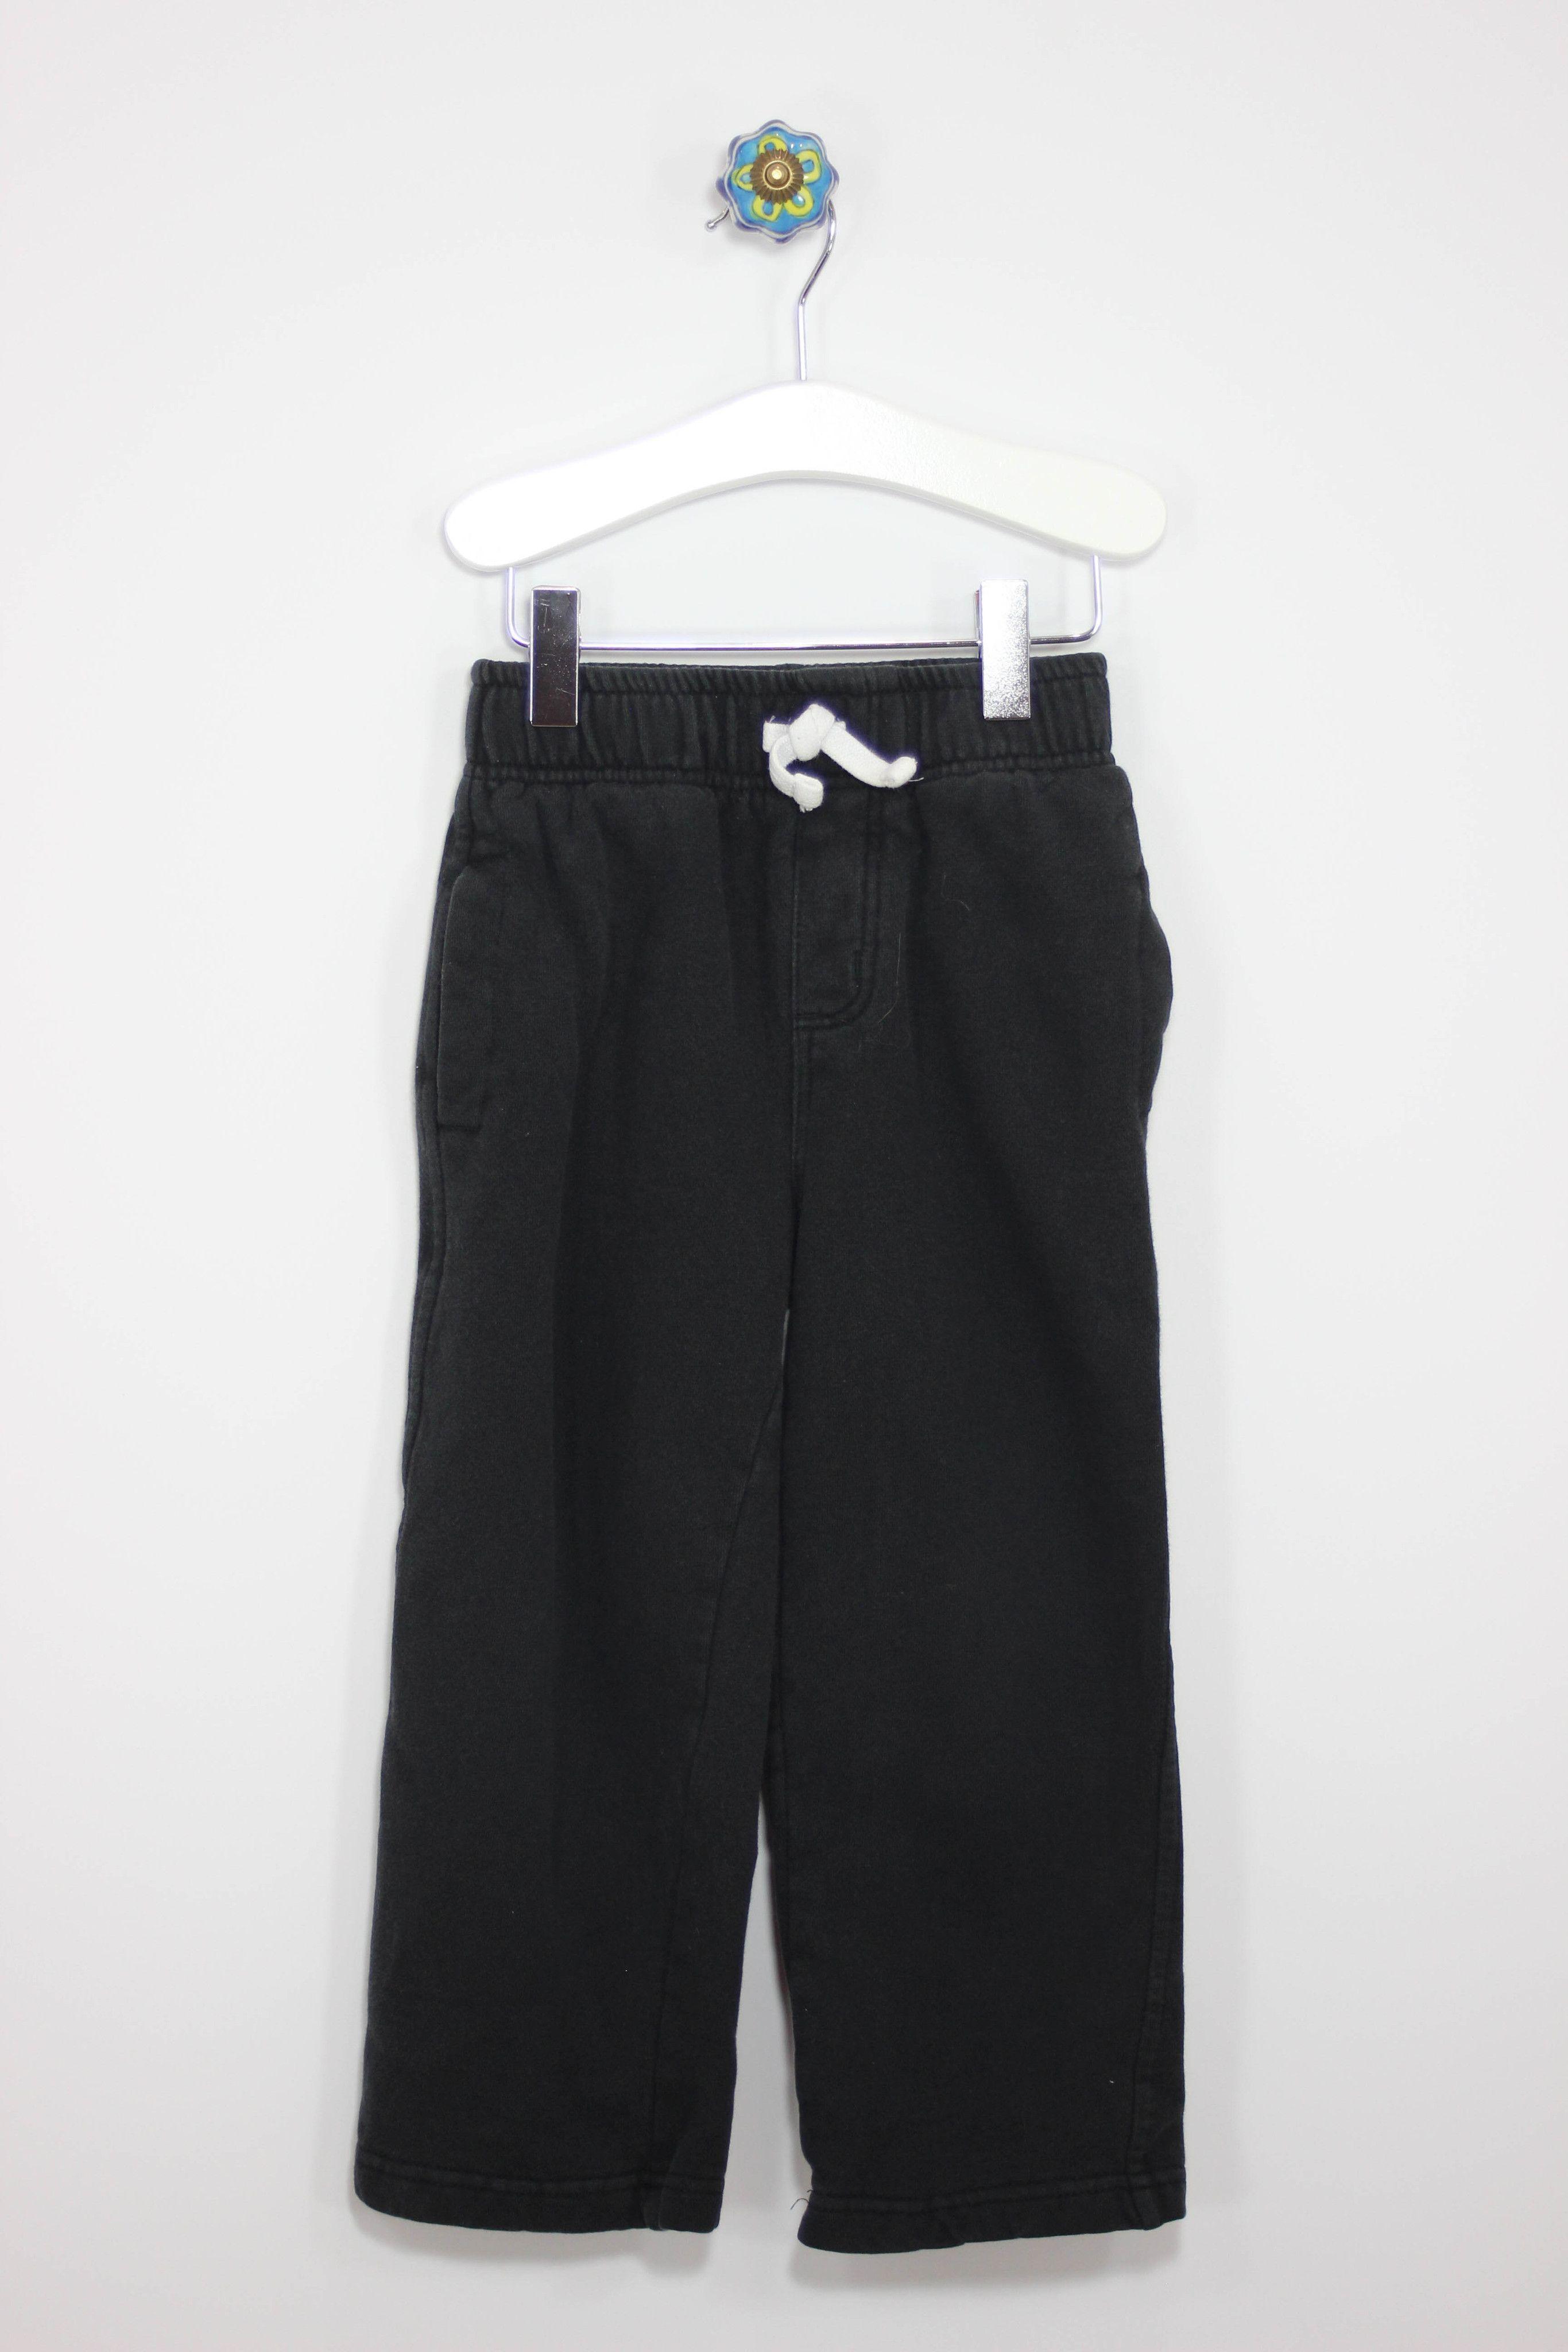 Gymboree Size 3T Black Sweatpants